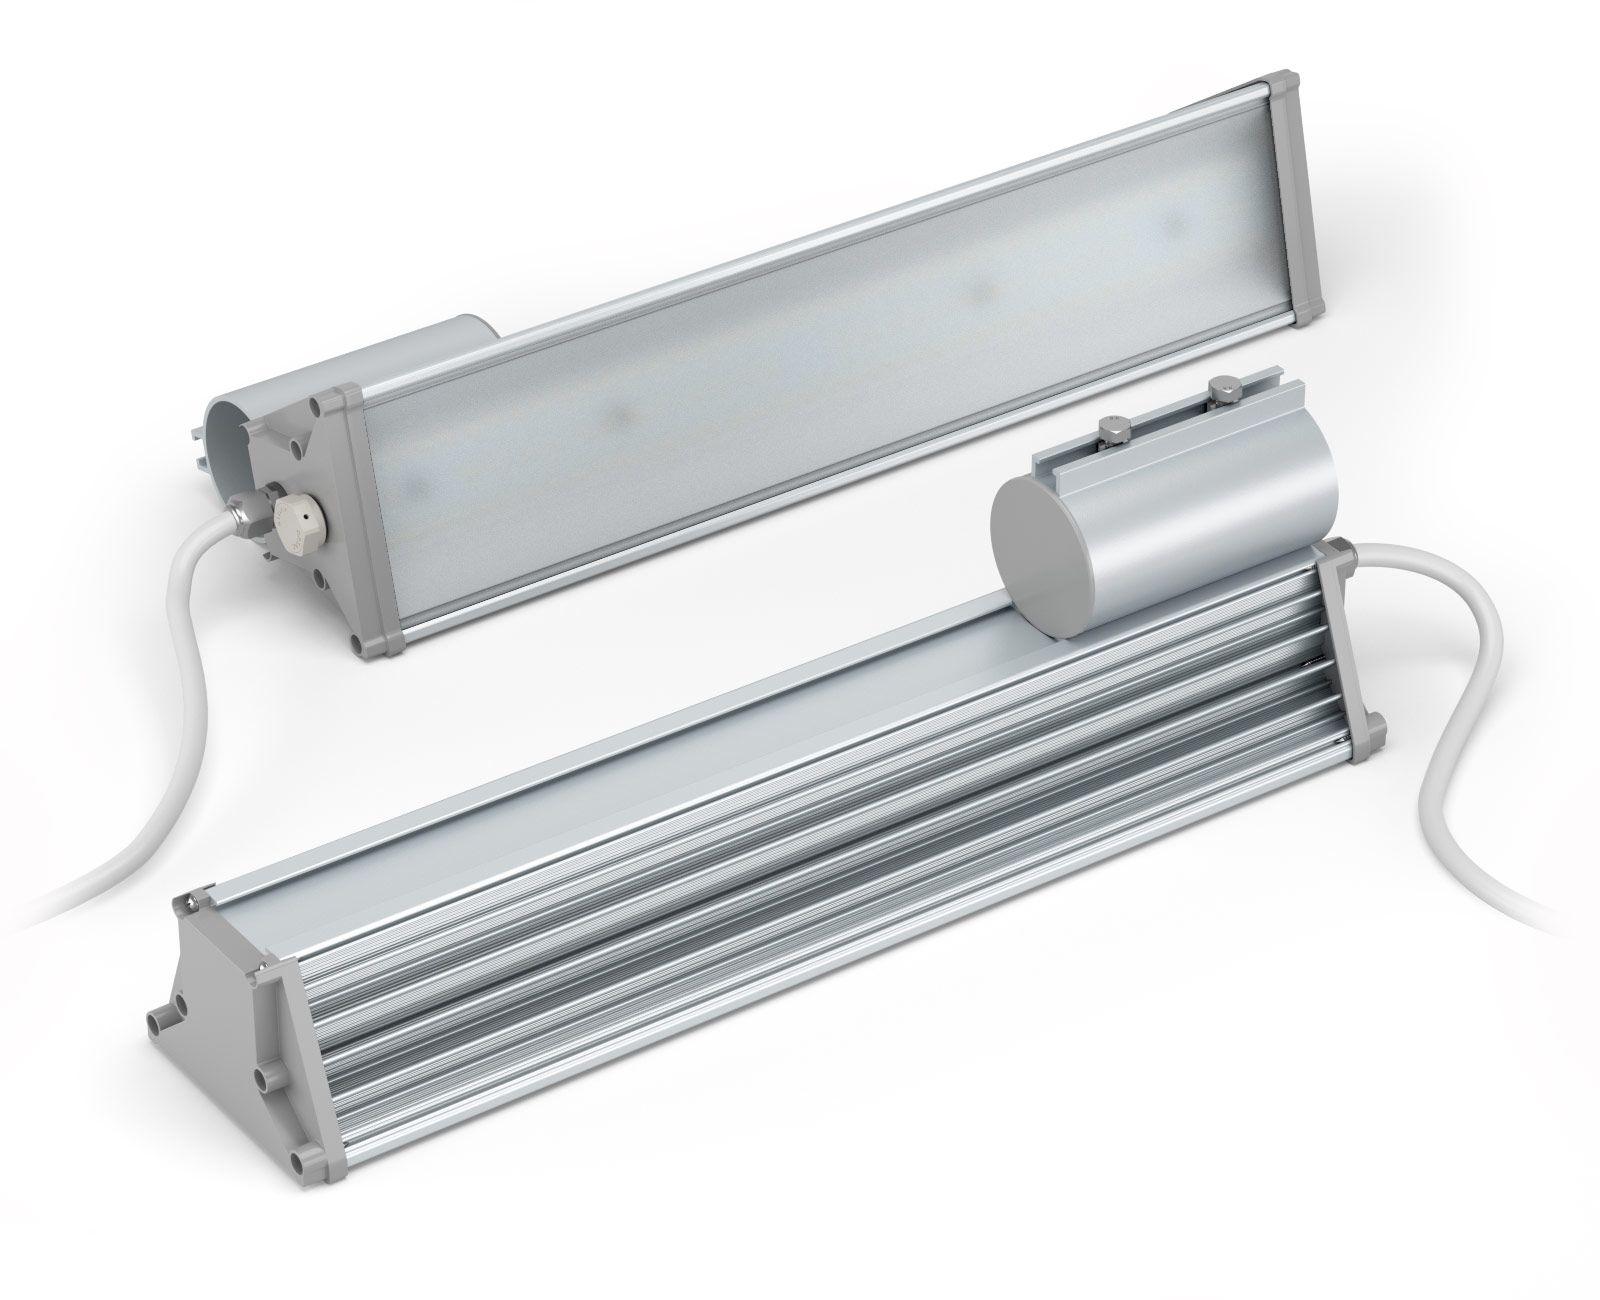 Промышленный светильник LuxON Promline 150W, 150Вт, 16500лм, 5000К, 220VAC, IP65